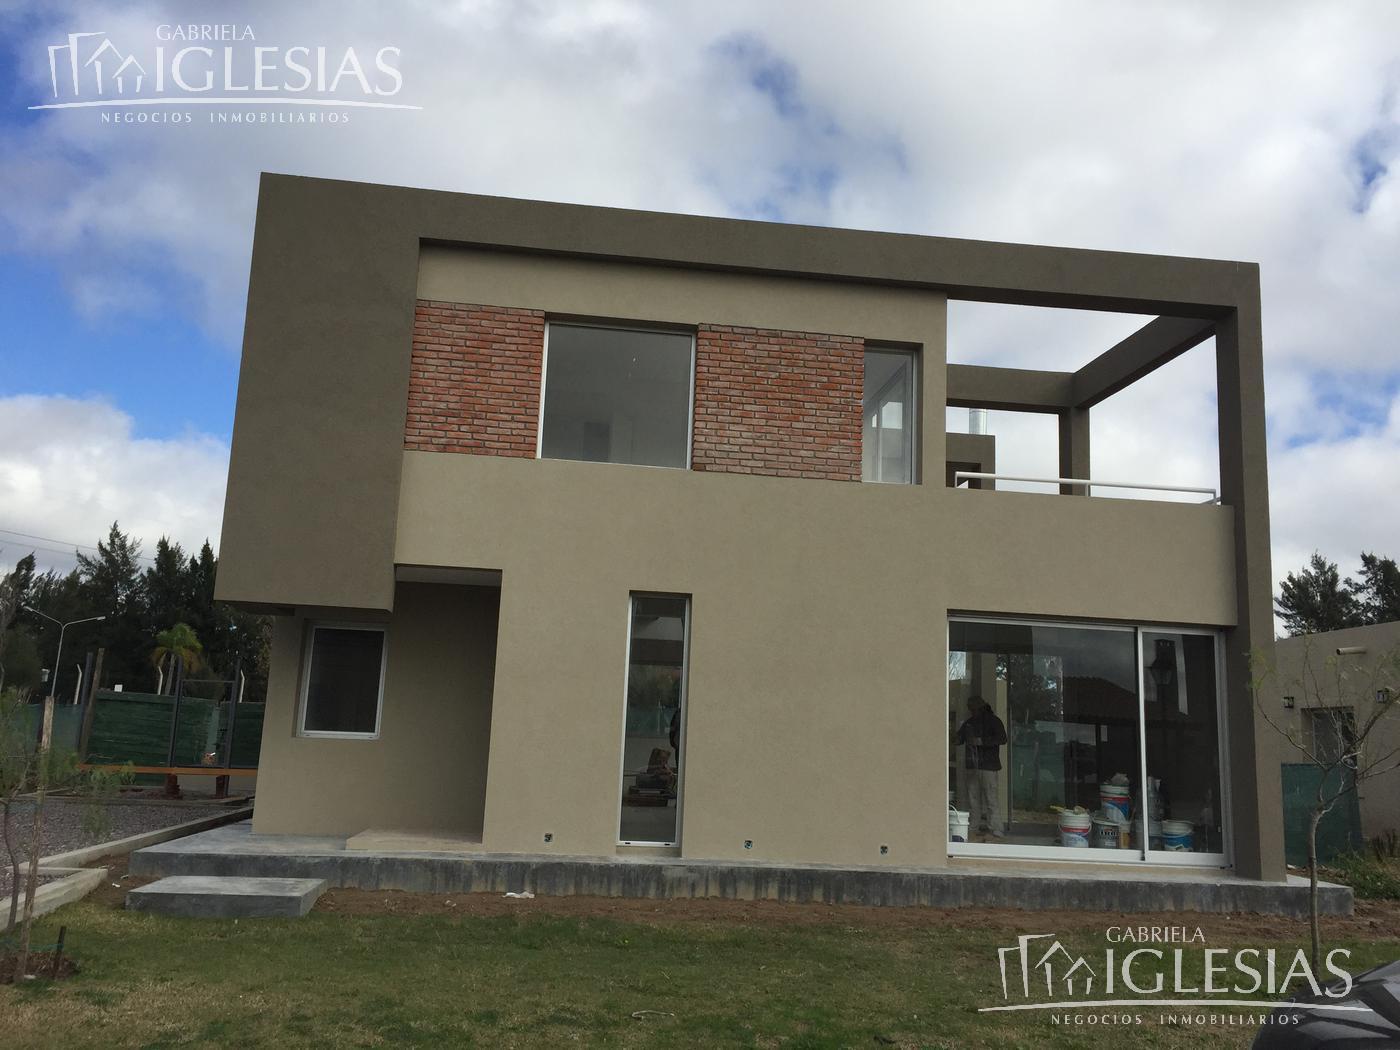 Casa en Venta en San Gabriel a Venta - u$s 270.000